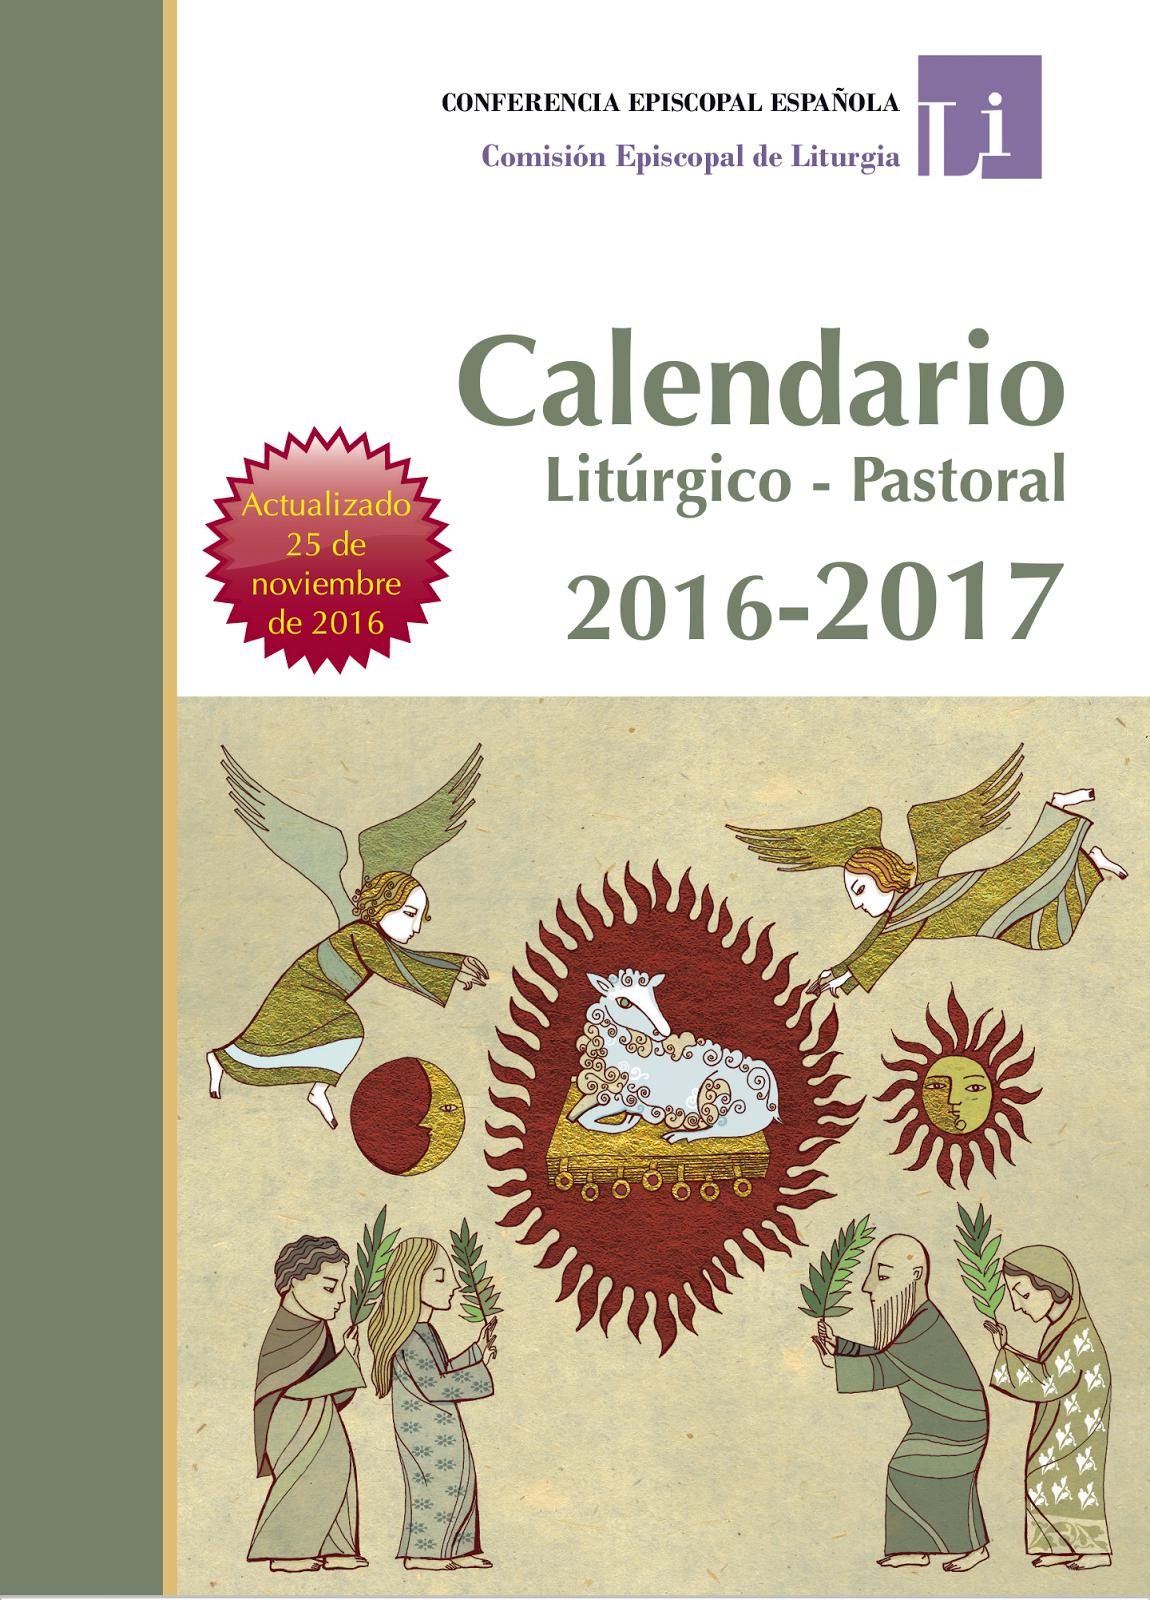 CALENDARIO LITÚRGICO 2016-2017